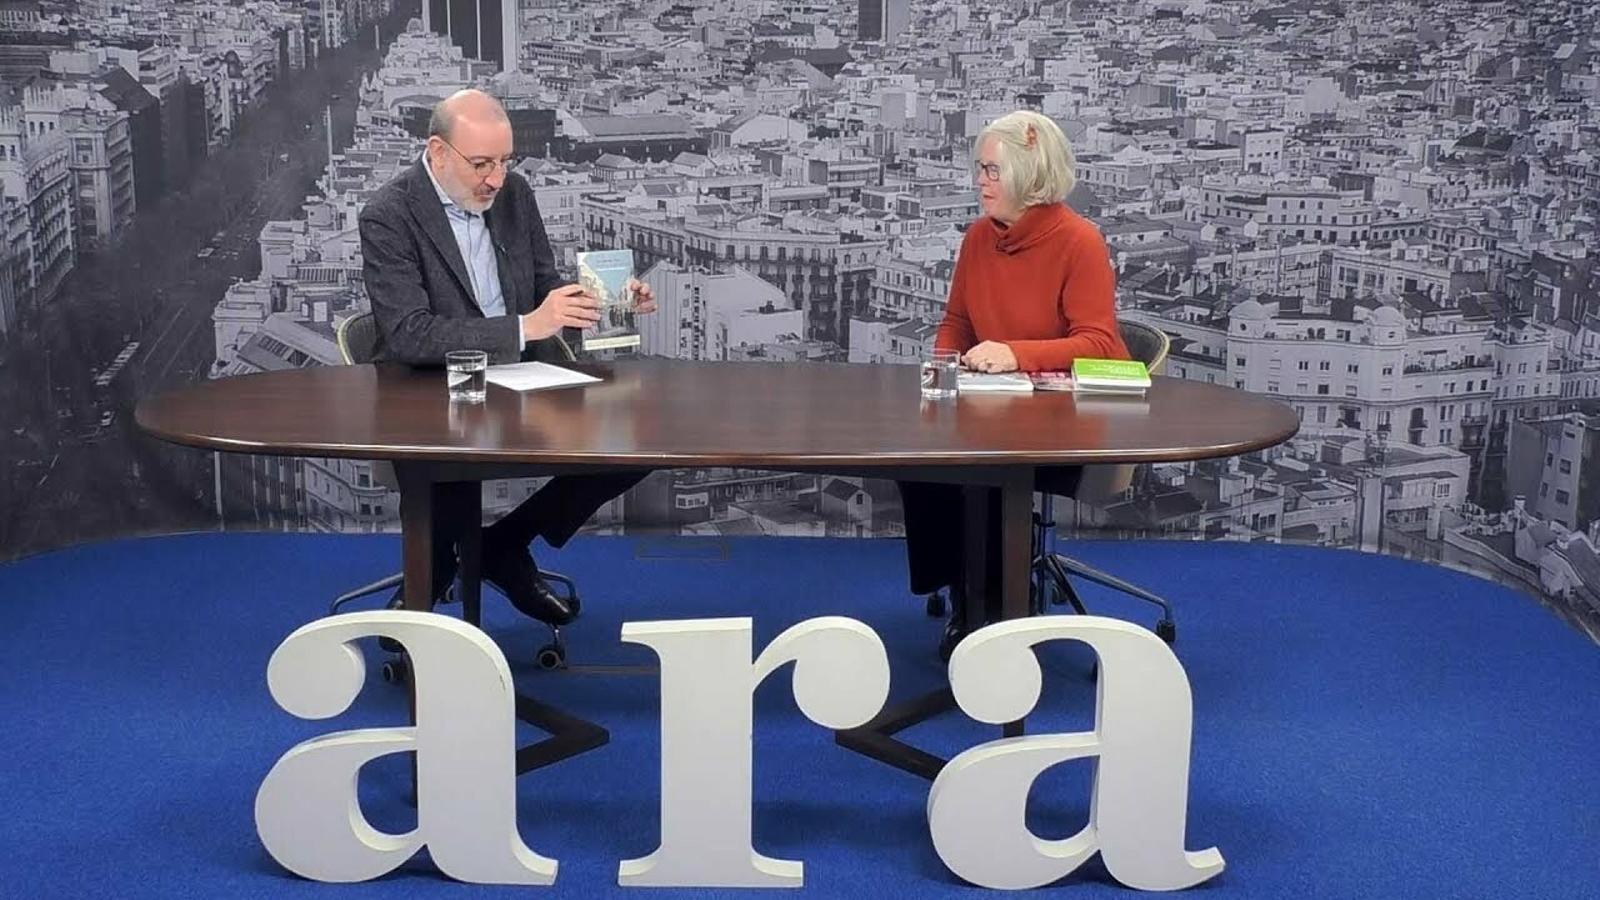 Entrevista d'Antoni Bassas a Frances Luttikhuizen